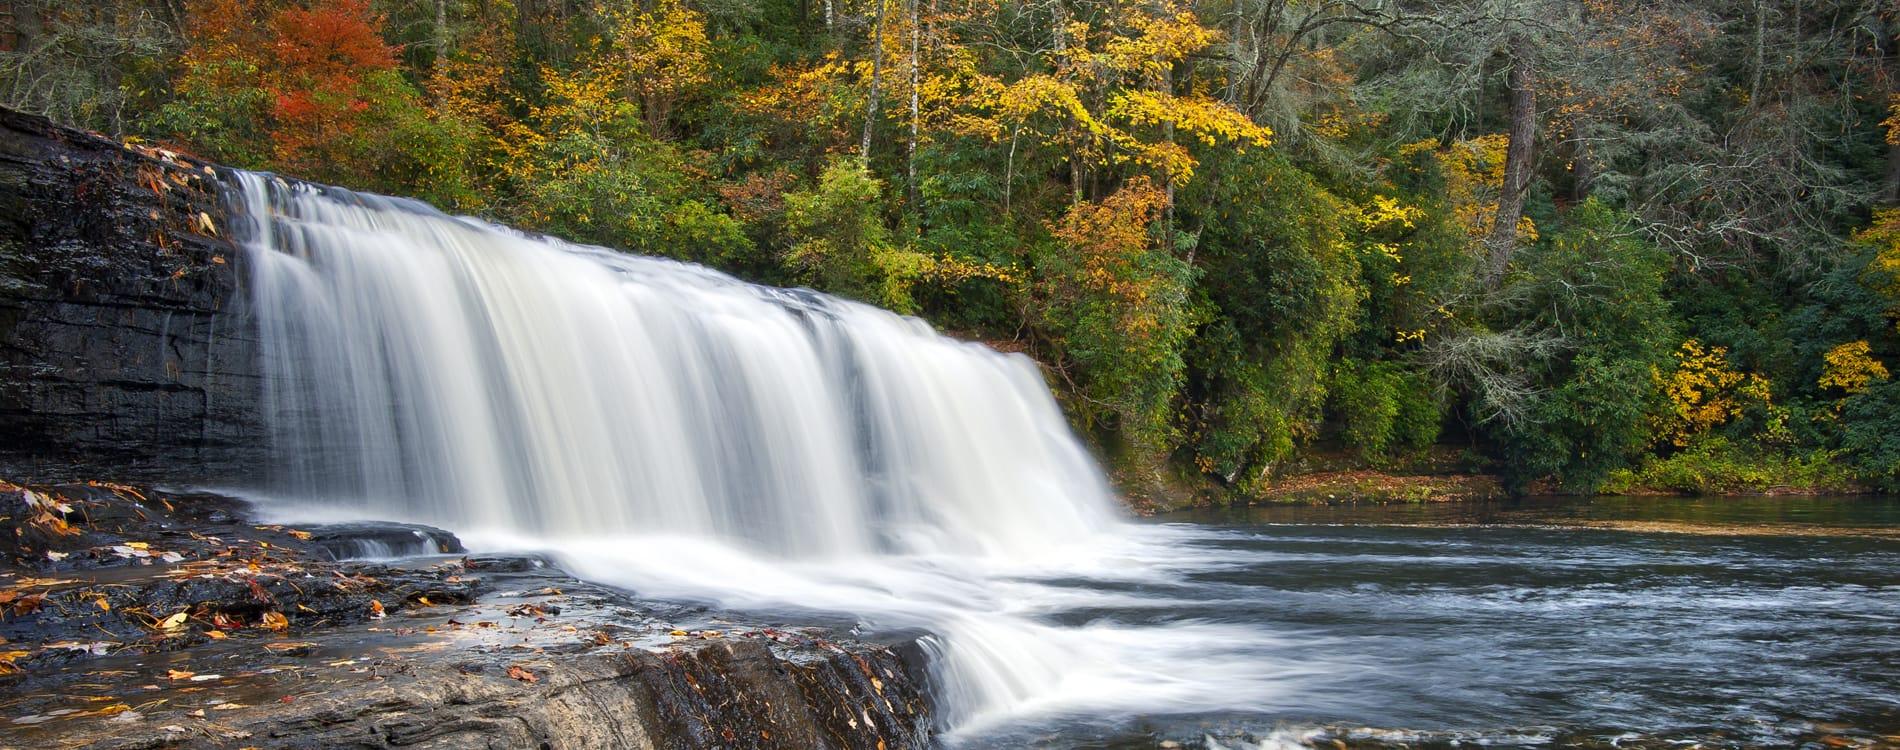 Asheville, NC - Hooker Falls DuPont State Park